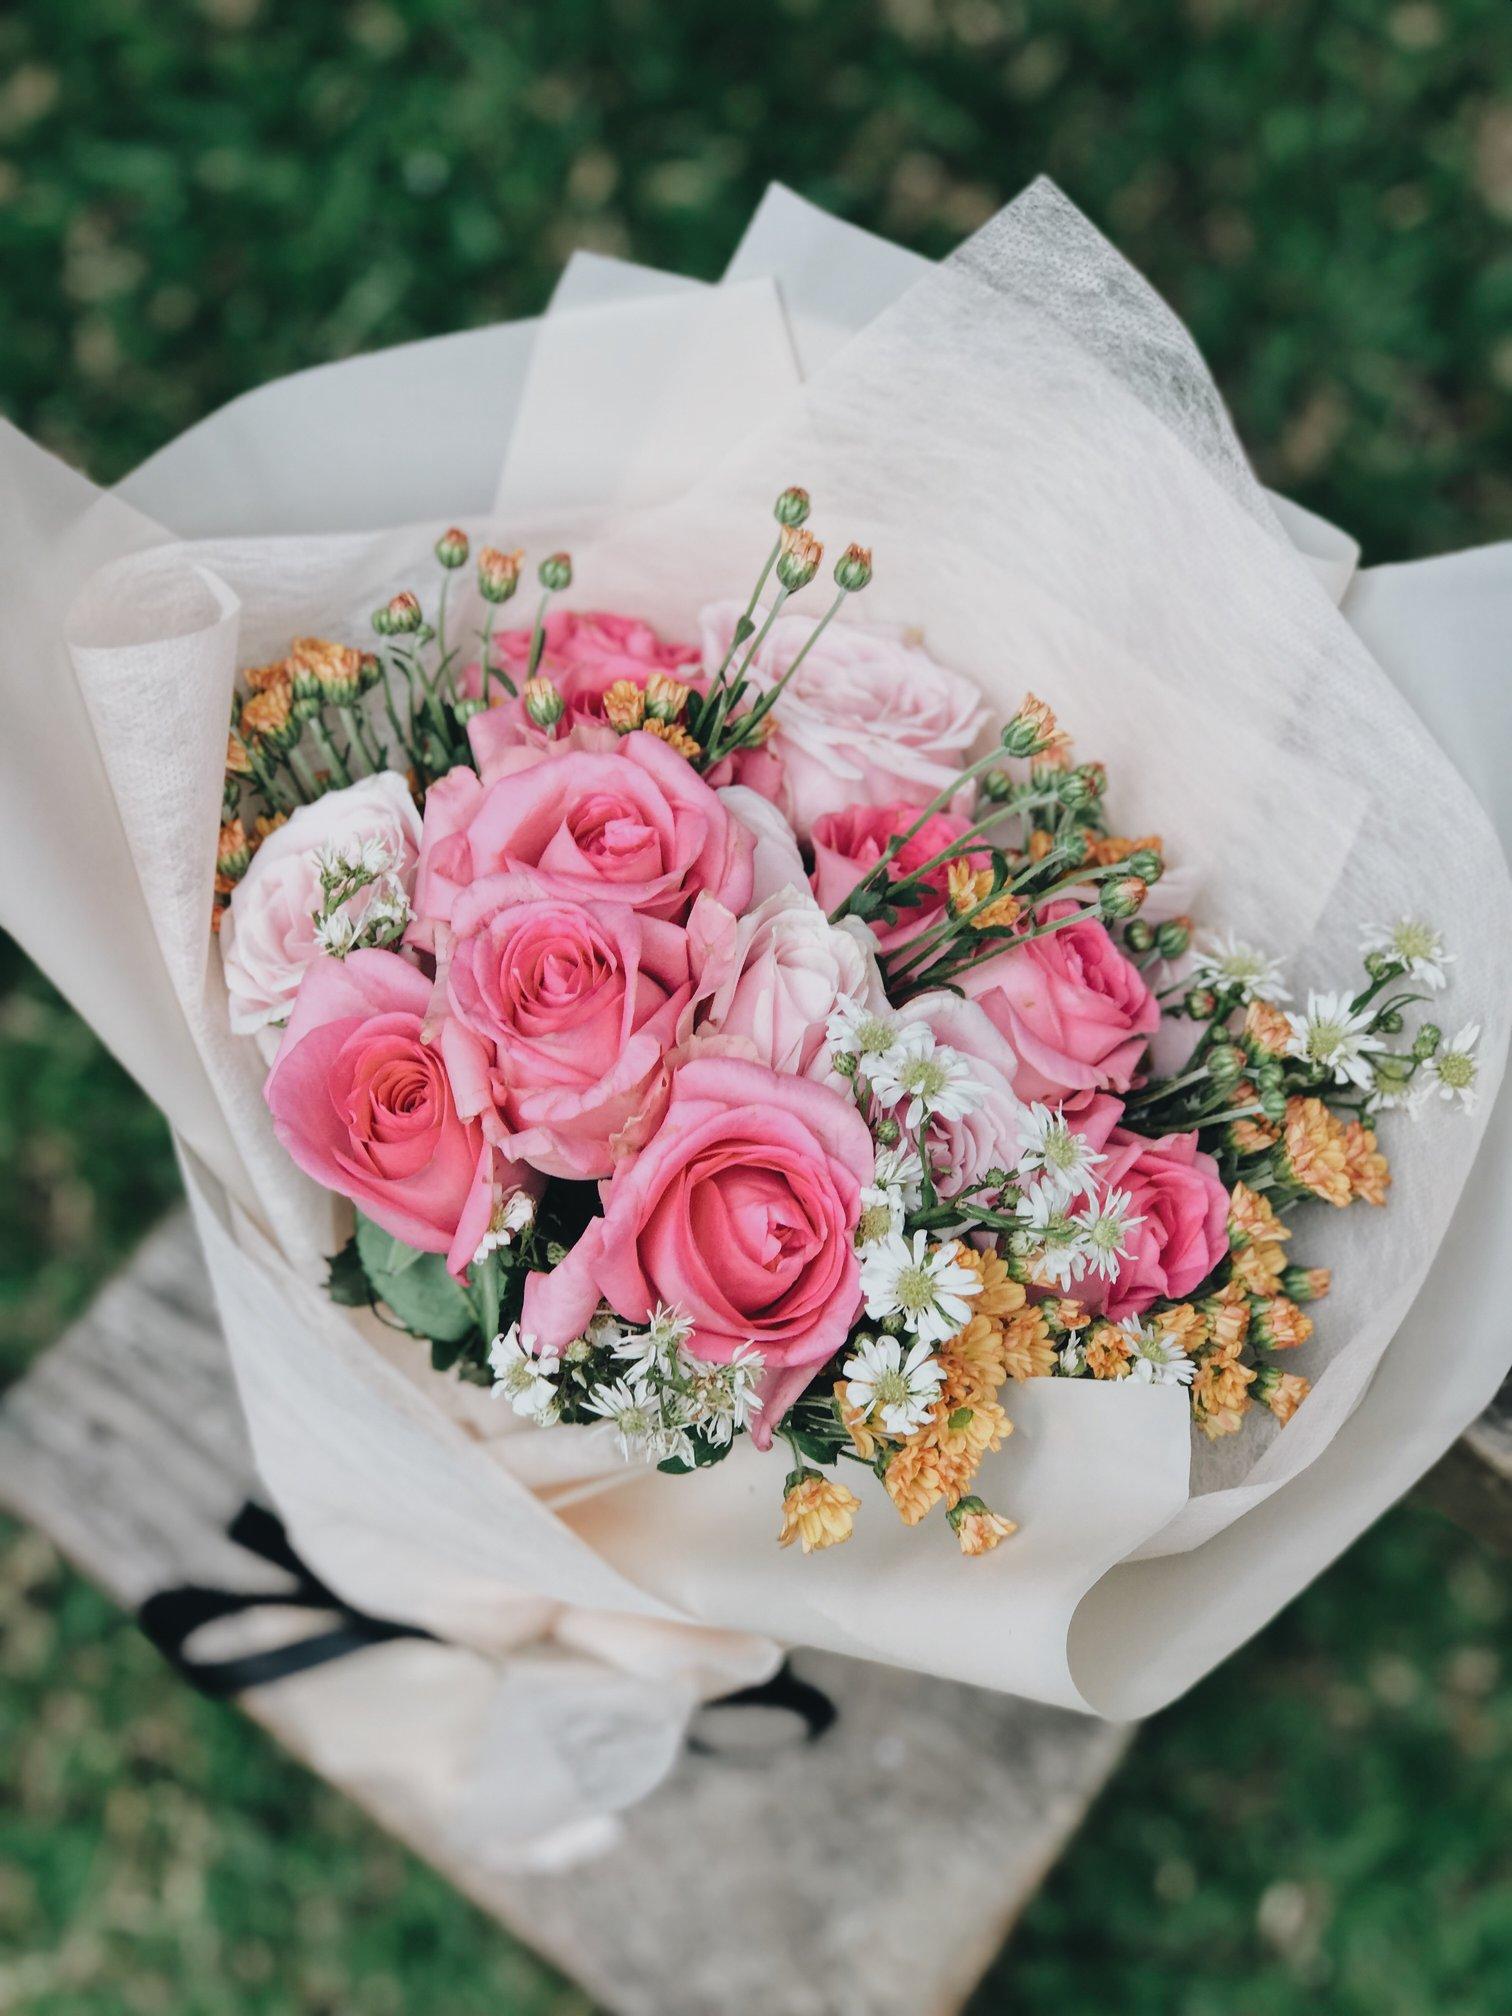 Immagini Fiori.Bouquet Fiori Misti L Oca Golosa